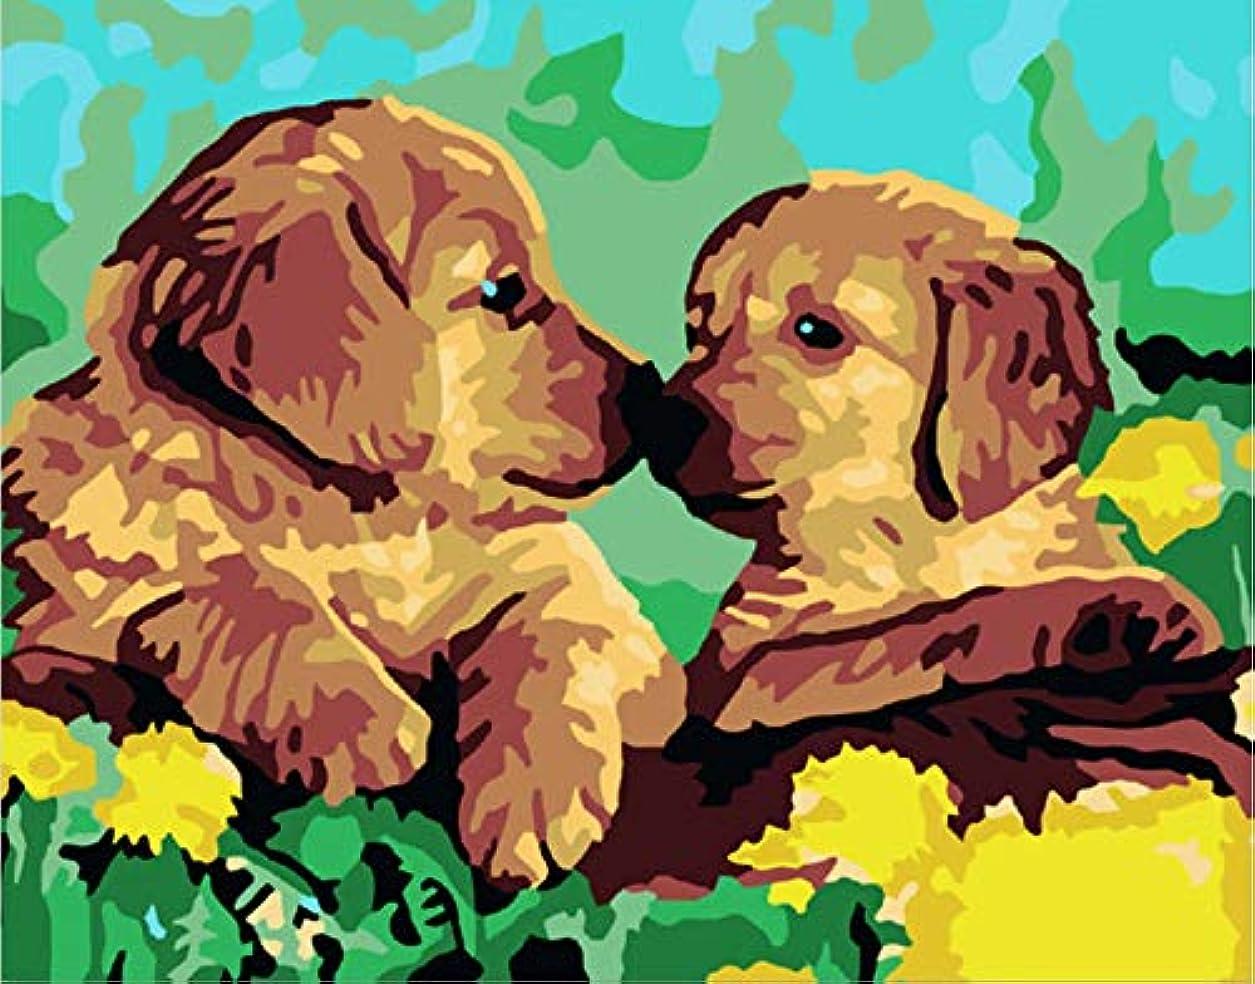 びっくり受粉するコンチネンタルHuihuart DIYの油絵(フレームを組み合わせた)、装飾的な絵画 数字によるDIYの着色写真と数字による犬の家族の絵の描画40x50cm